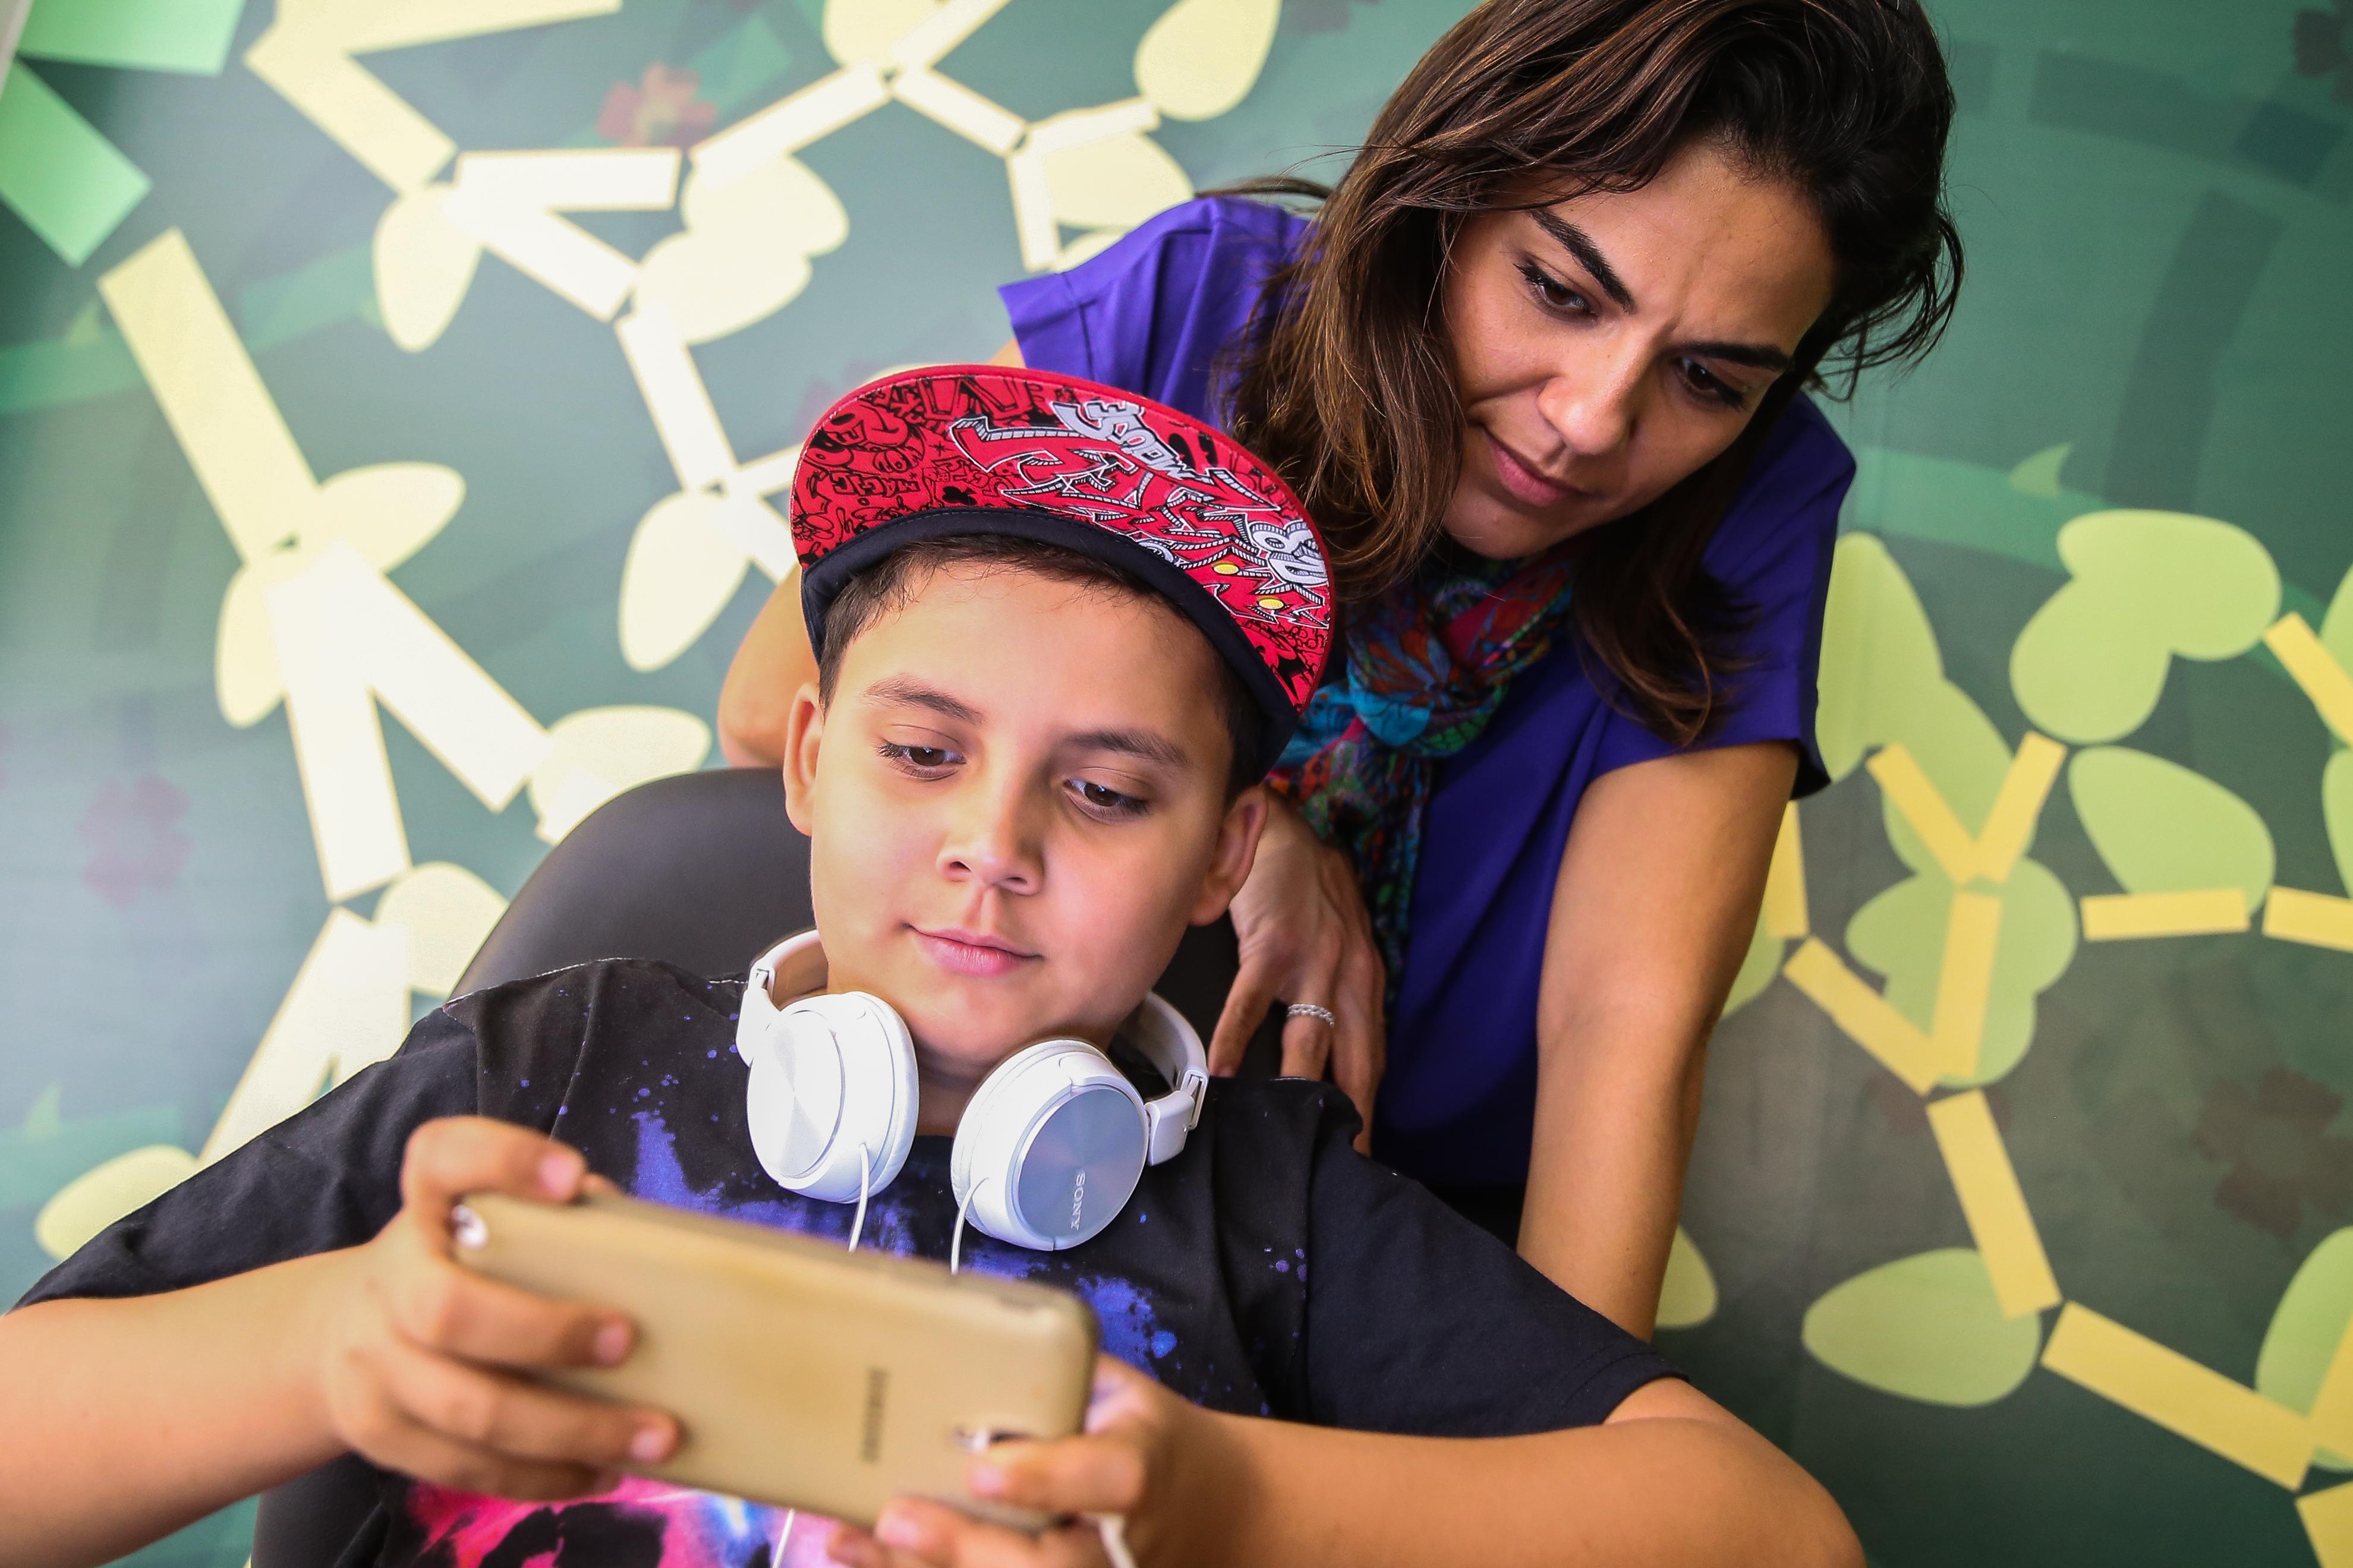 Bernardo Dicazuza Valocci,de 10 anos, usa diariamente suas redes sociais para se comunicar com amigos sobre jogos online. A bancária Camilla Dicazuza, mãe do menino, diz que monitora os diversos grupos de Whatsaap